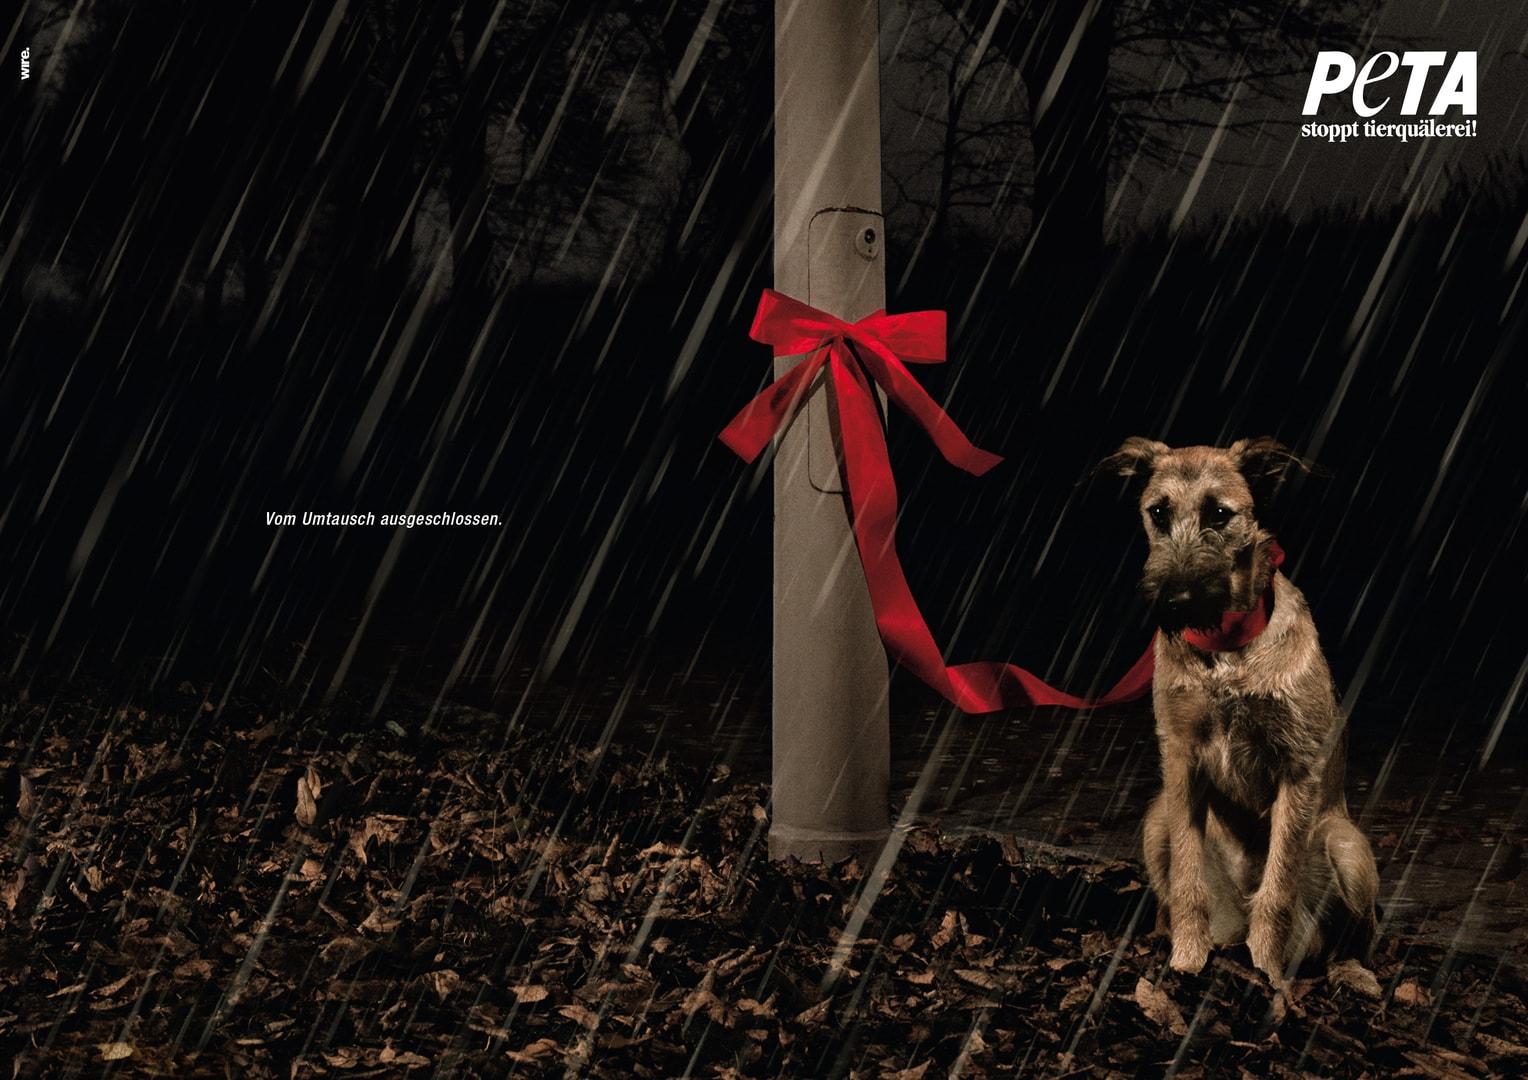 Tiere als Weihnachtsgeschenk? Am besten eine Ratte! Frau Mutter Blog